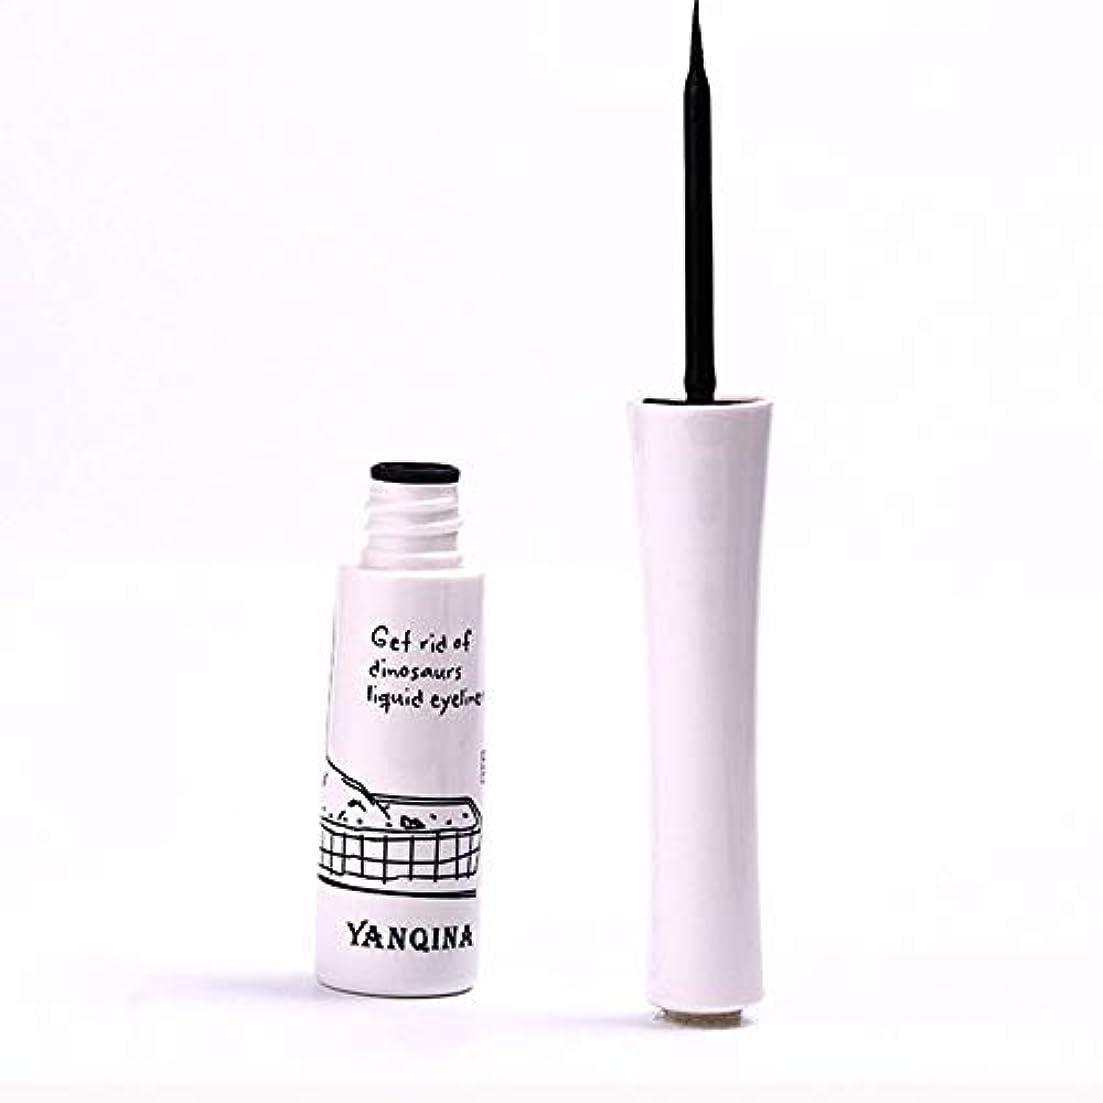 炎上ギネススパン黒いアイライナーの防水液体のアイライナーの鉛筆のペンは特徴を構成します